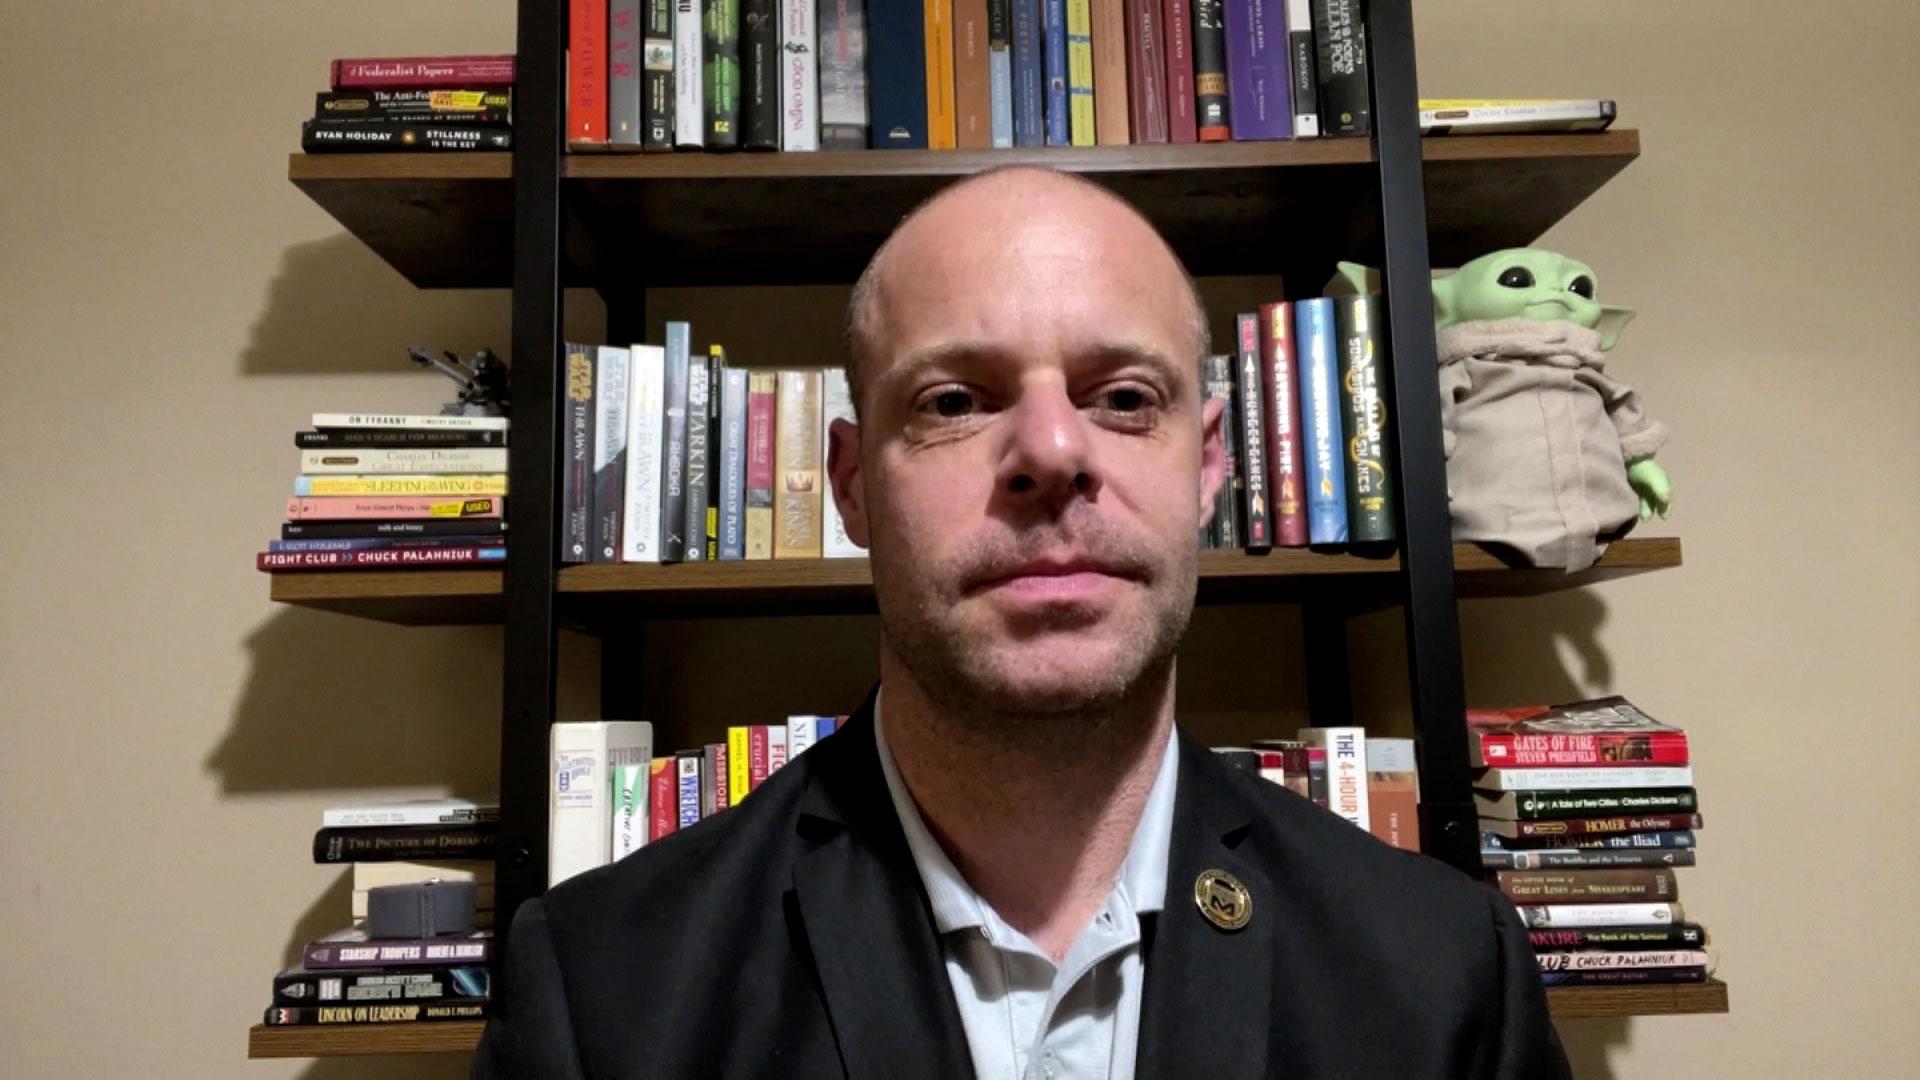 Former US Army Ranger Tom Amenta